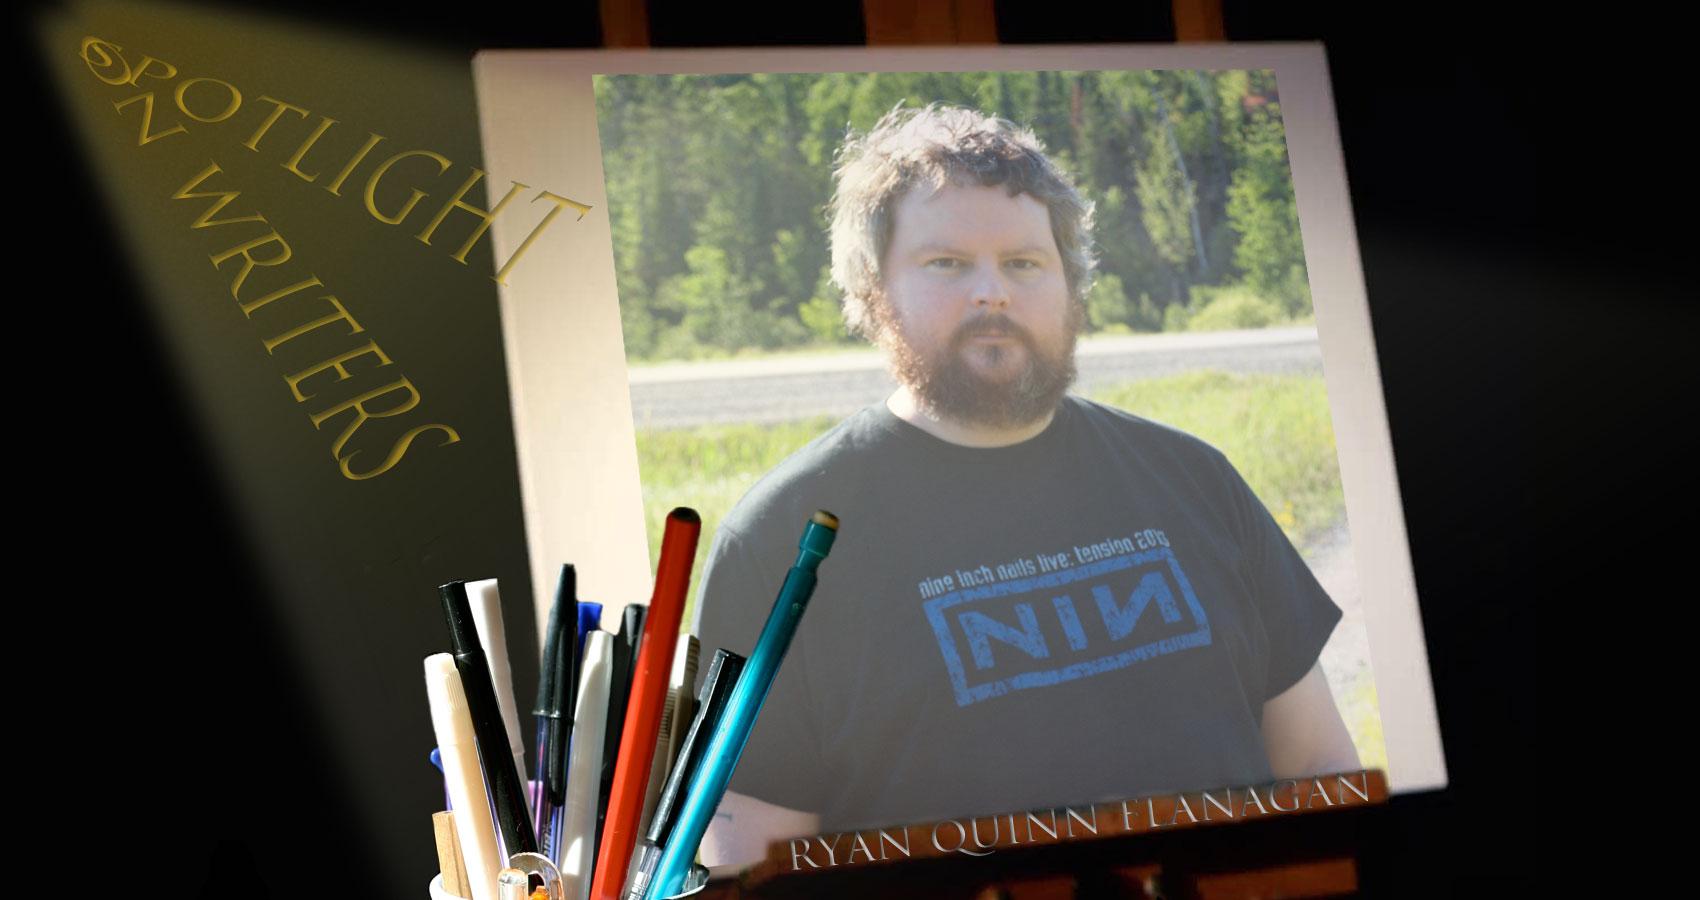 Spotlight On Writers - Ryan Quinn Flanagan at Spillwords.com